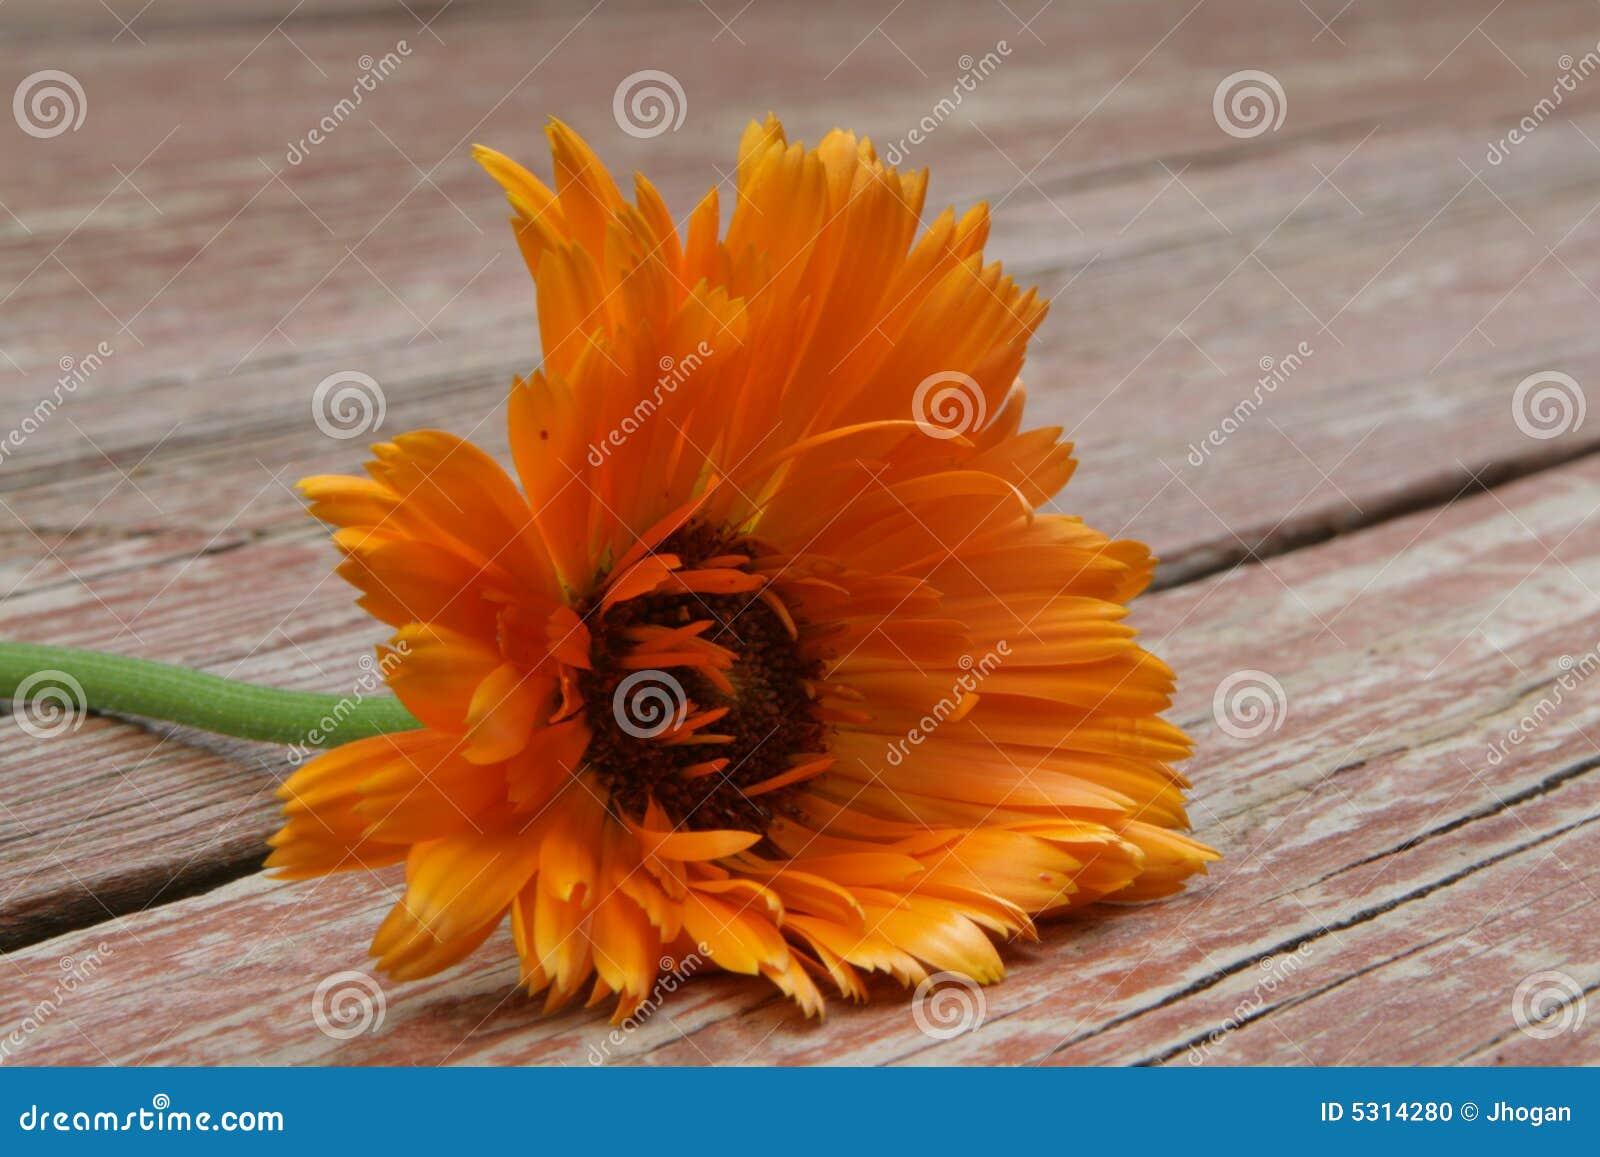 Download Fiore arancione fotografia stock. Immagine di arancione - 5314280